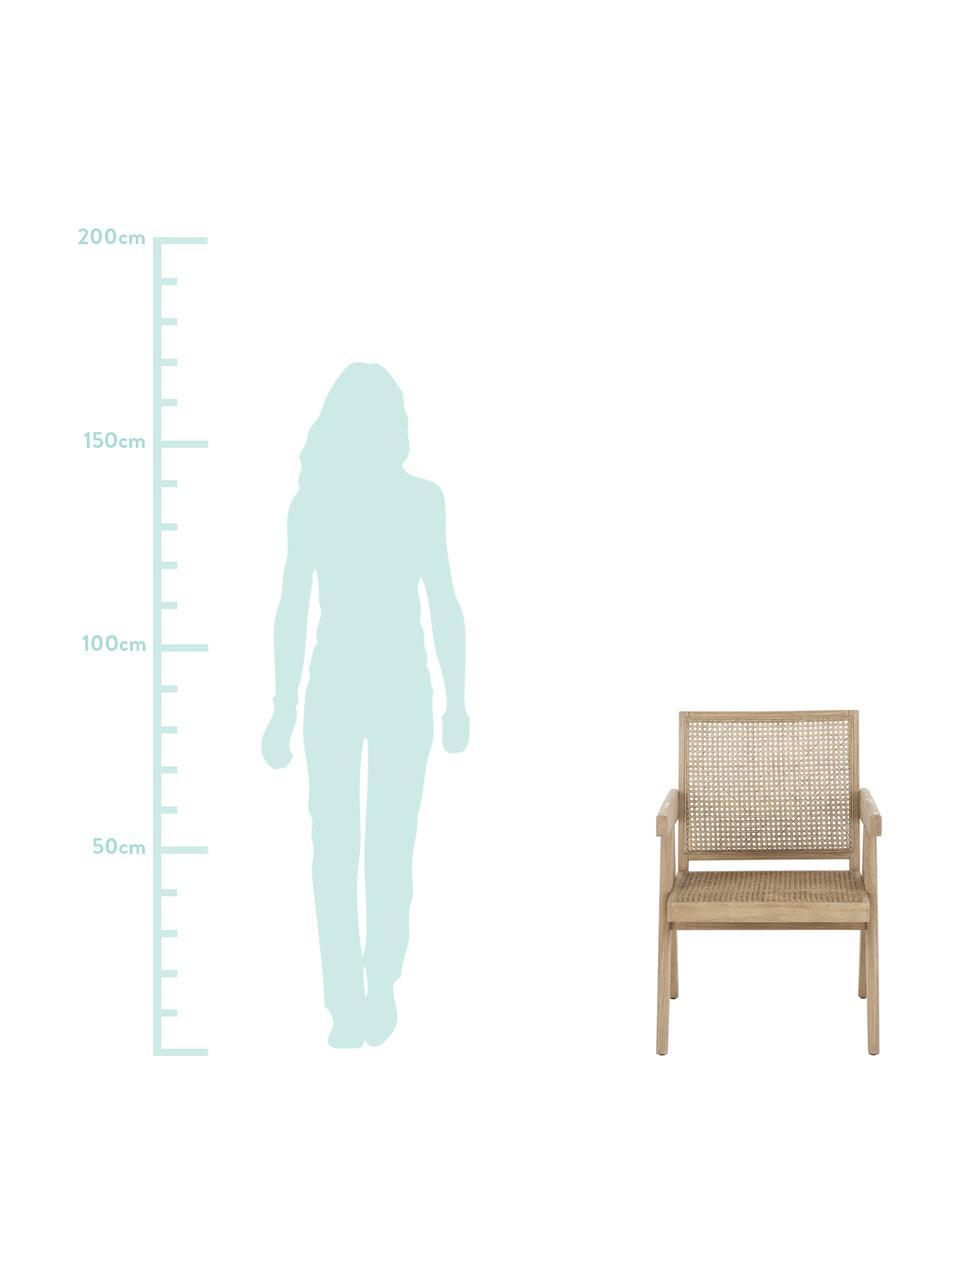 Fotel wypoczynkowy z plecionką wiedeńską Sissi, Stelaż: lite drewno dębowe, Stelaż: drewno dębowe Siedzisko: beżowy, S 58 x G 66 cm